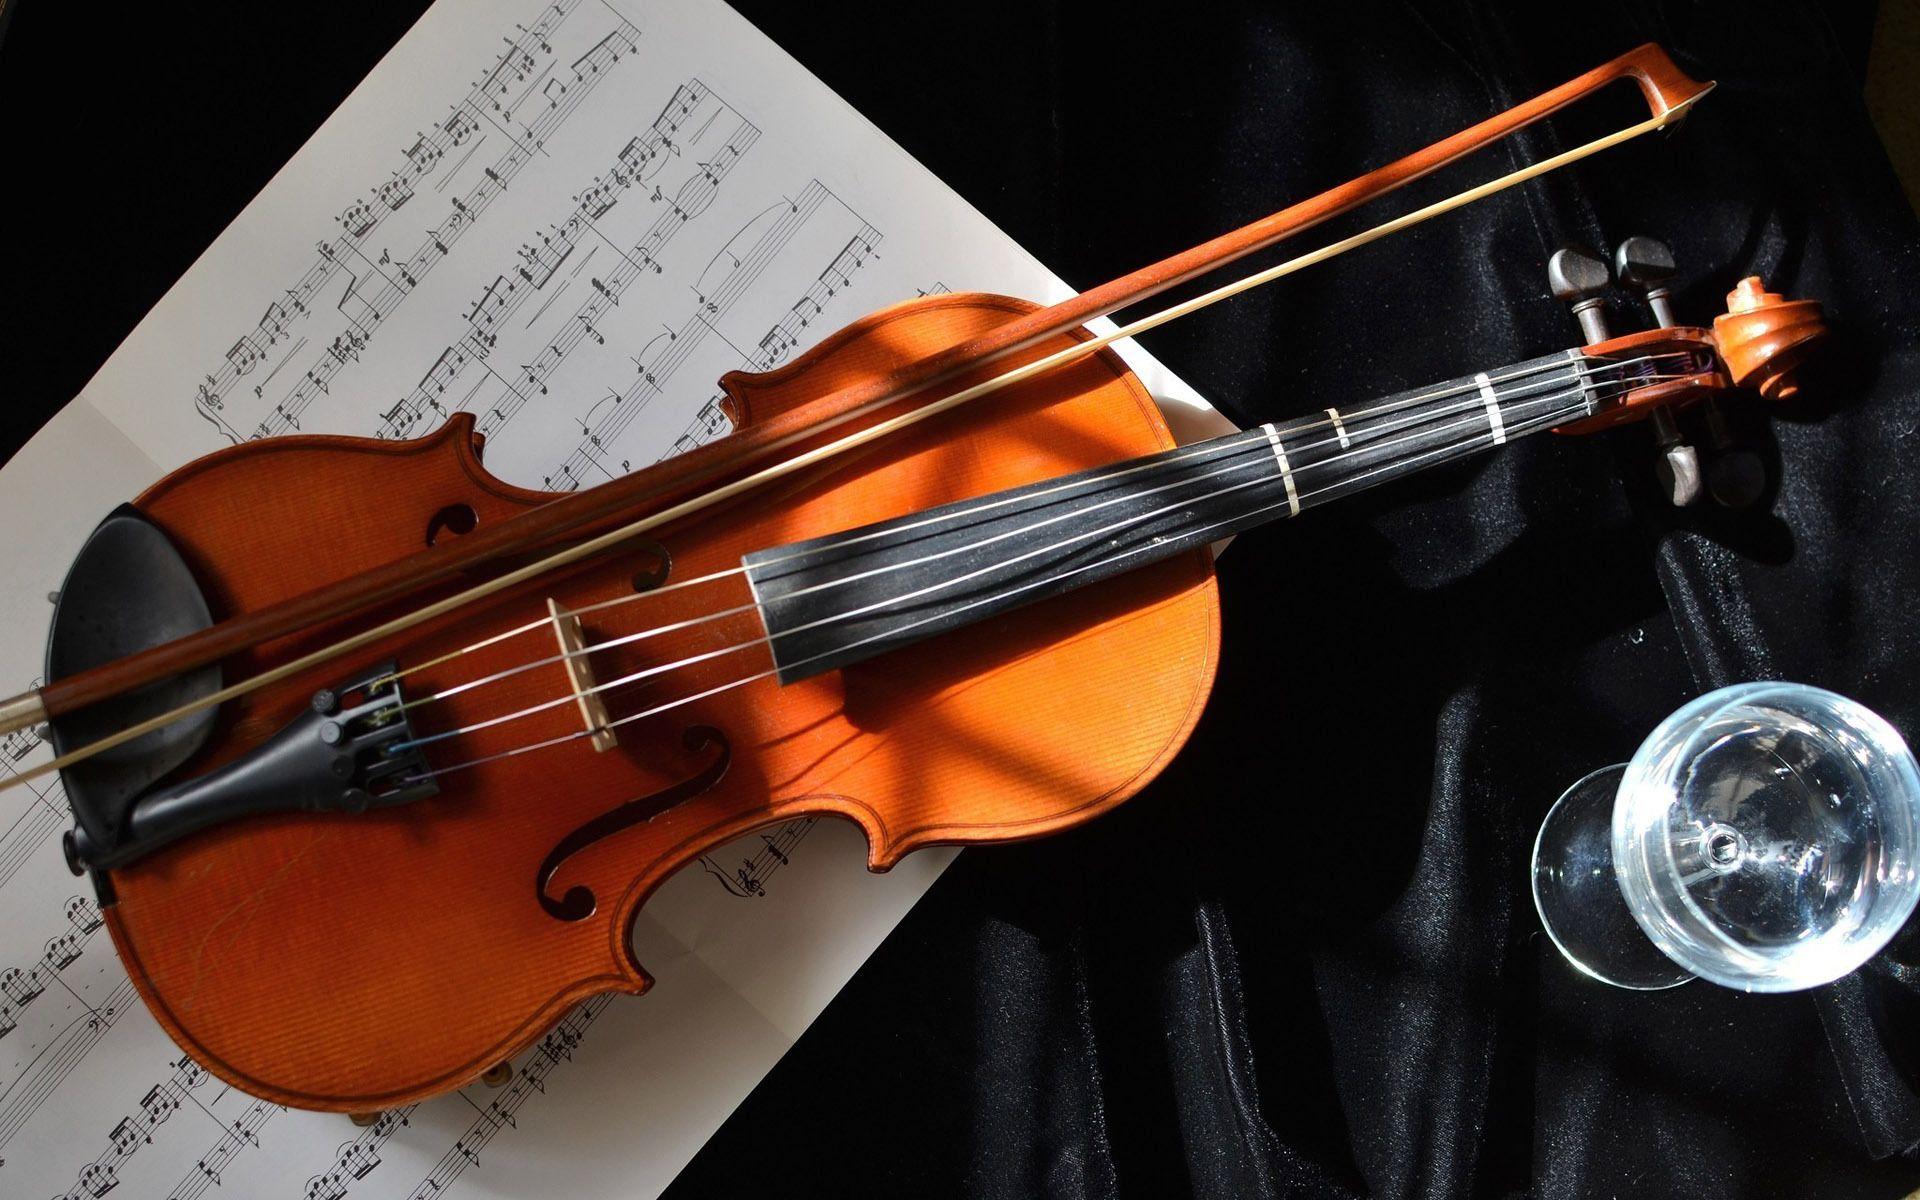 Obrazek przedstawia skrzypce, którymi będzie się zajmować opisywana w tekście AI.